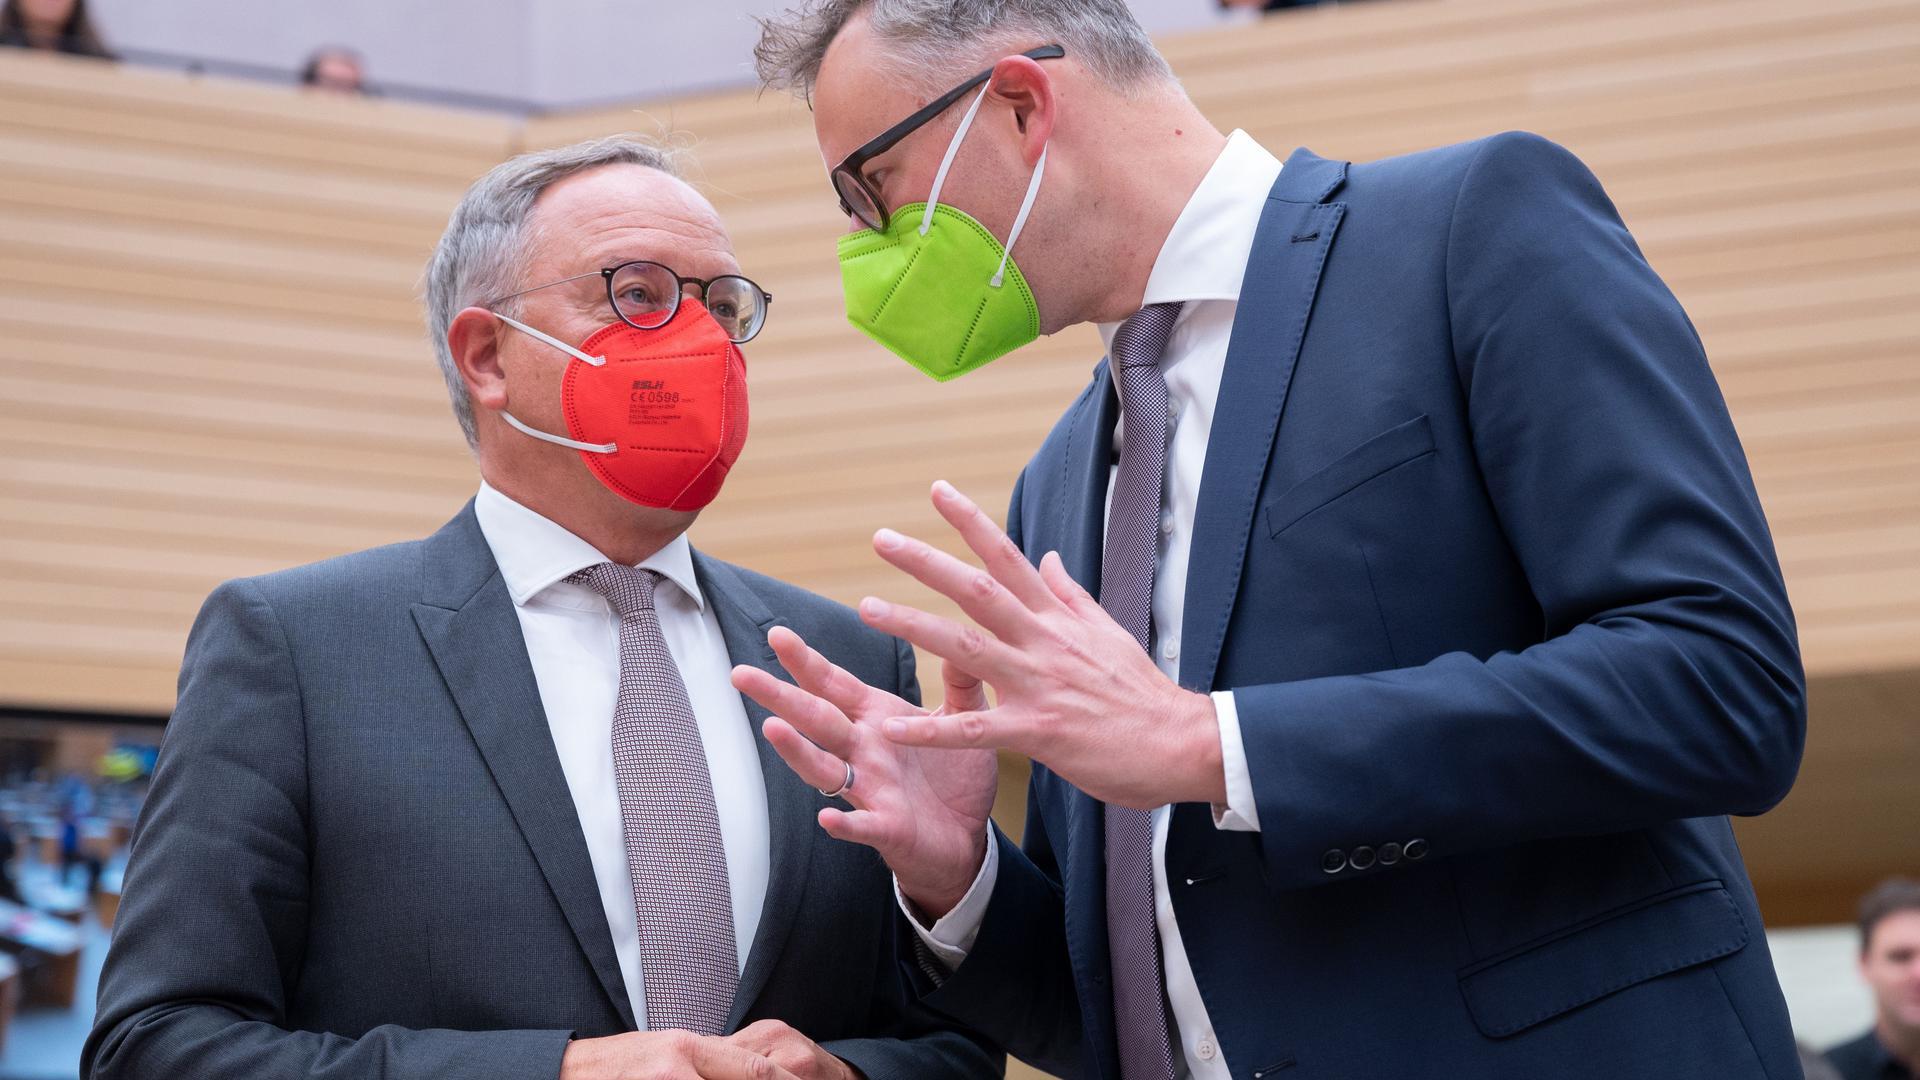 Andreas Stoch (l), SPD-Fraktionsvorsitzender im Landtag von Baden-Württemberg und Andreas Schwarz (r), Fraktionsvorsitzender von Bündnis 90/Die Grünen im Landtag von Baden-Württemberg unterhalten sich im Plenarsaal vor einer Landtagssitzung mit aktueller Debatte zur Bundestagswahl. +++ dpa-Bildfunk +++